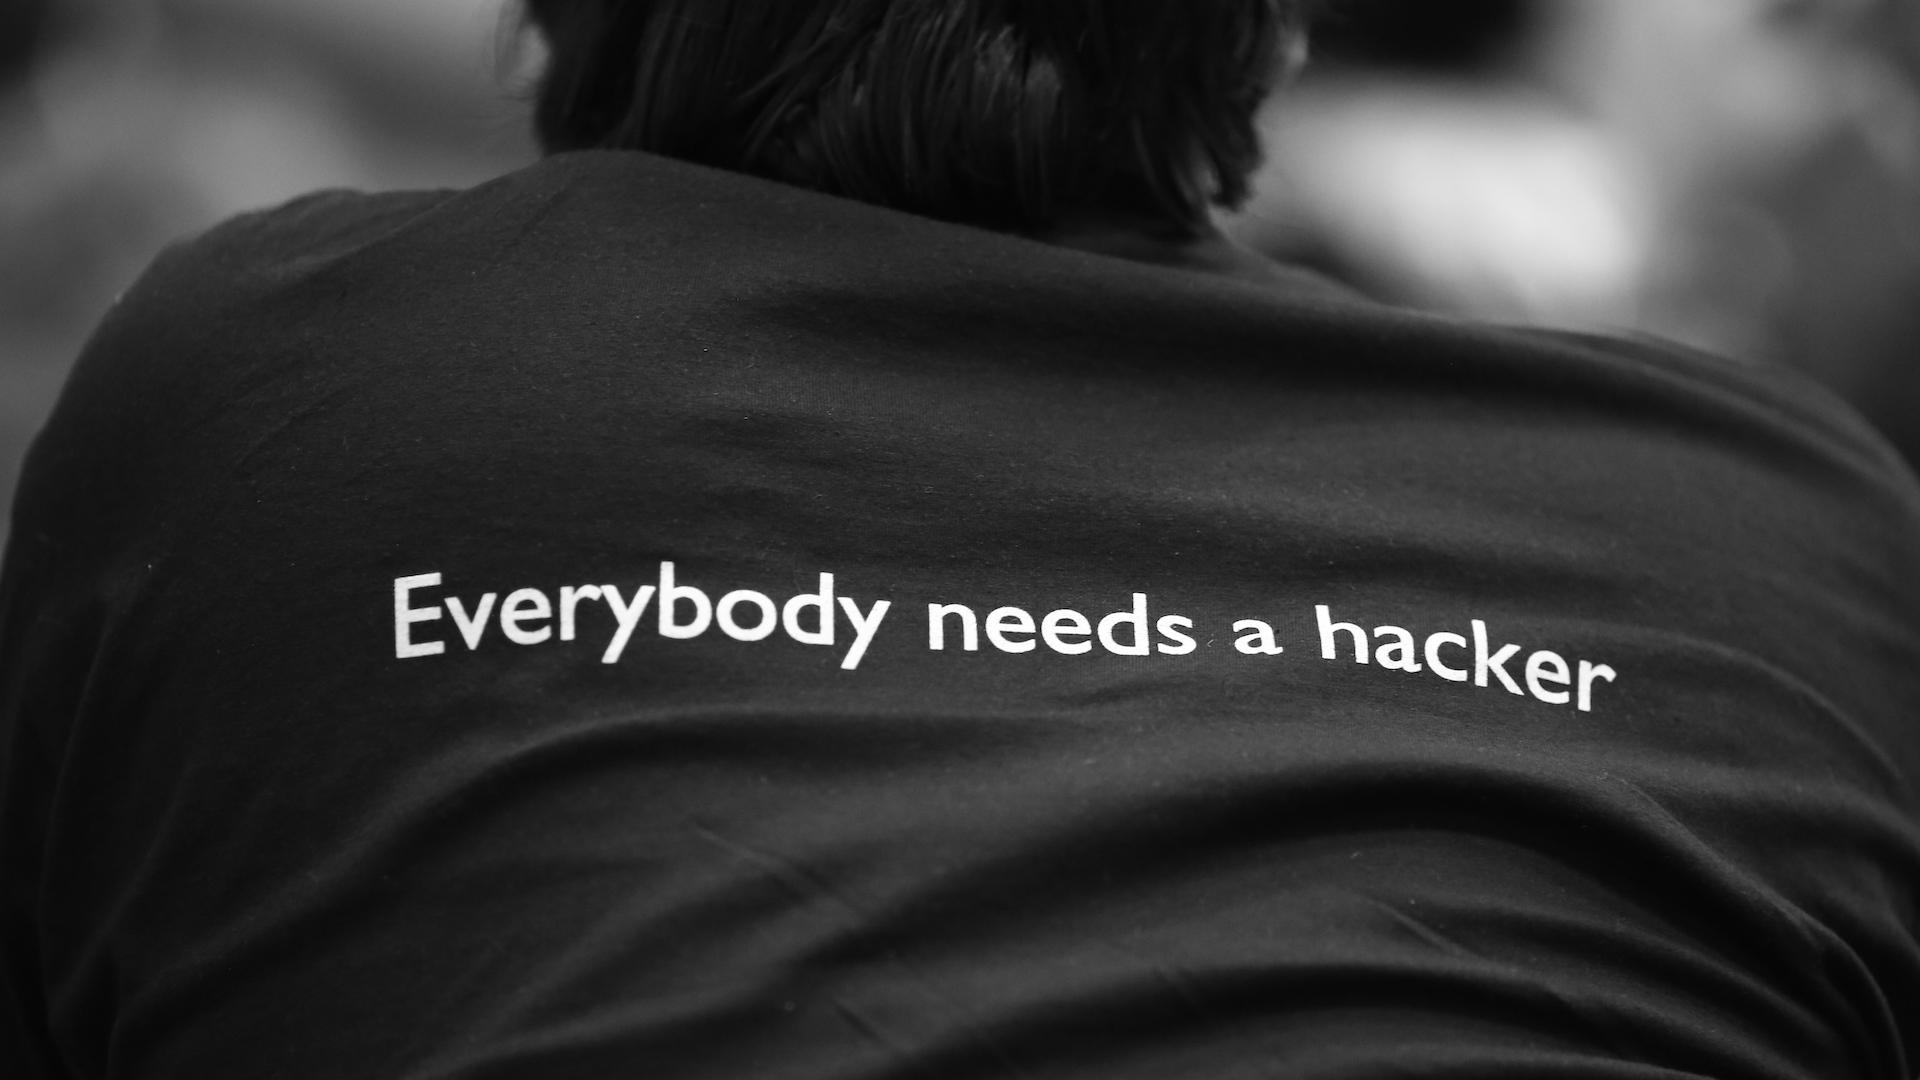 Ces hackers ont hacké d'autres hackers pour voler les données qu'ils volent